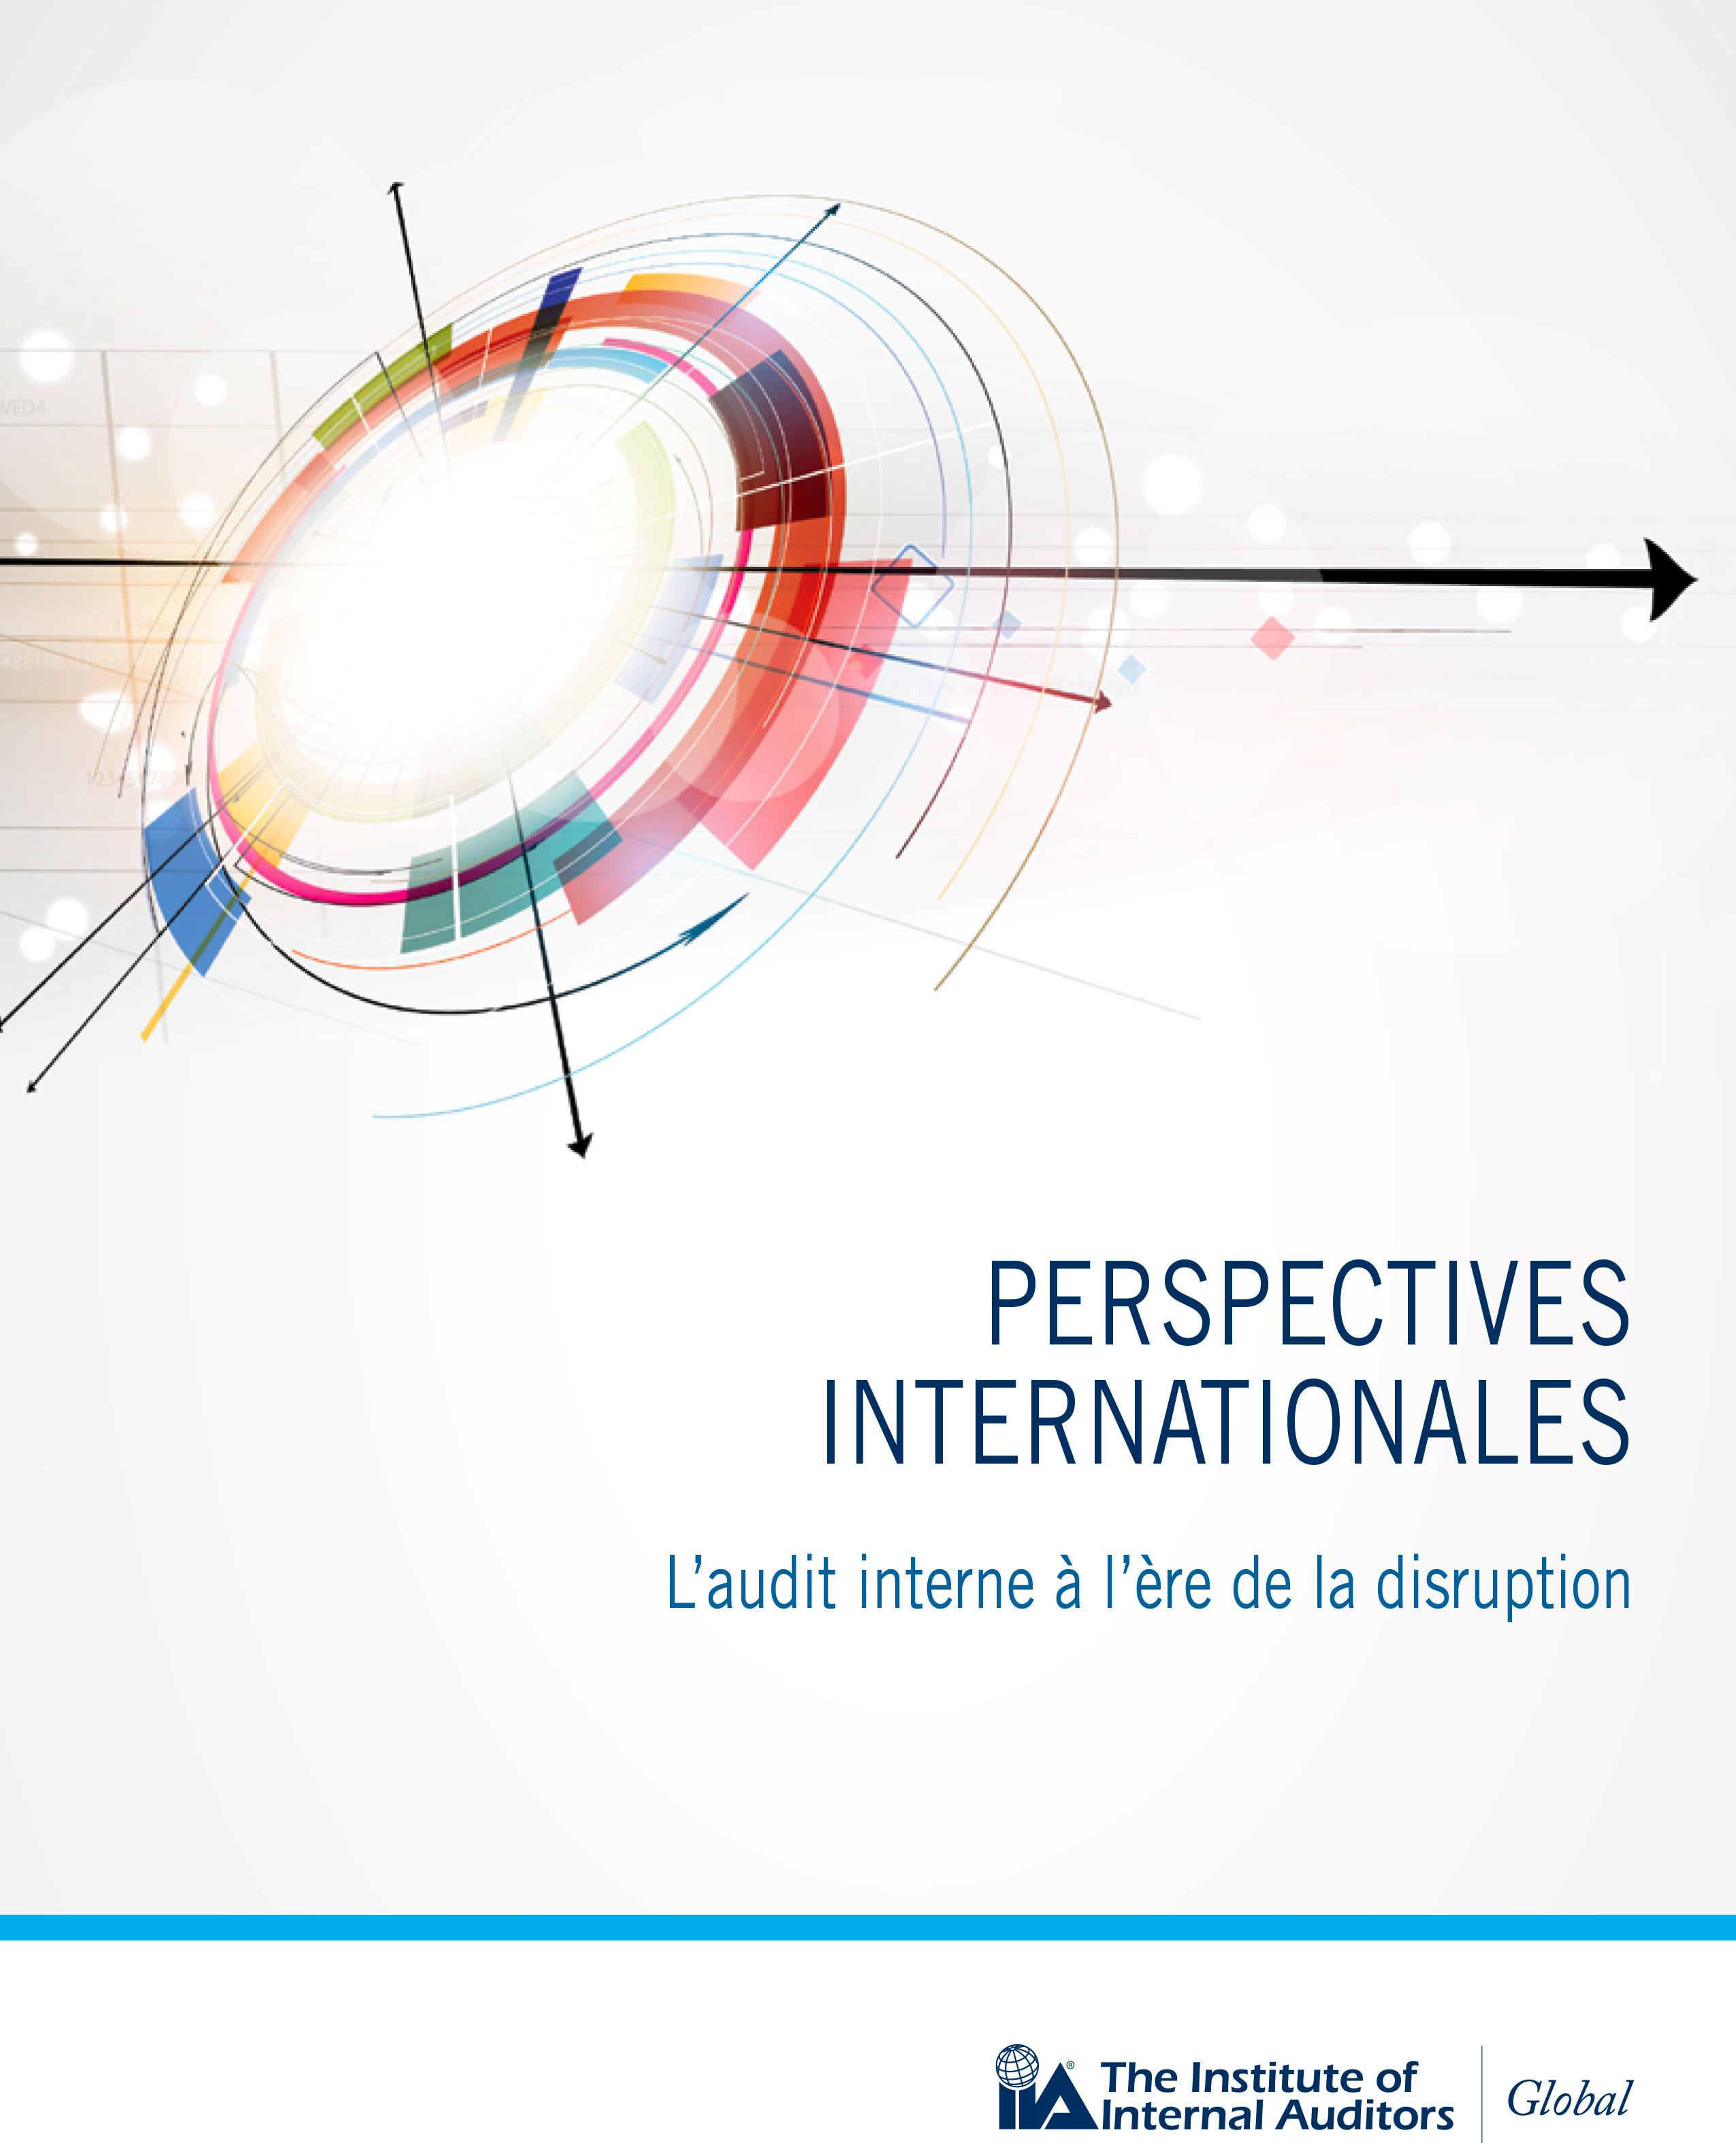 Perspectives internationales : L'audit interne à l'ère de la disruption